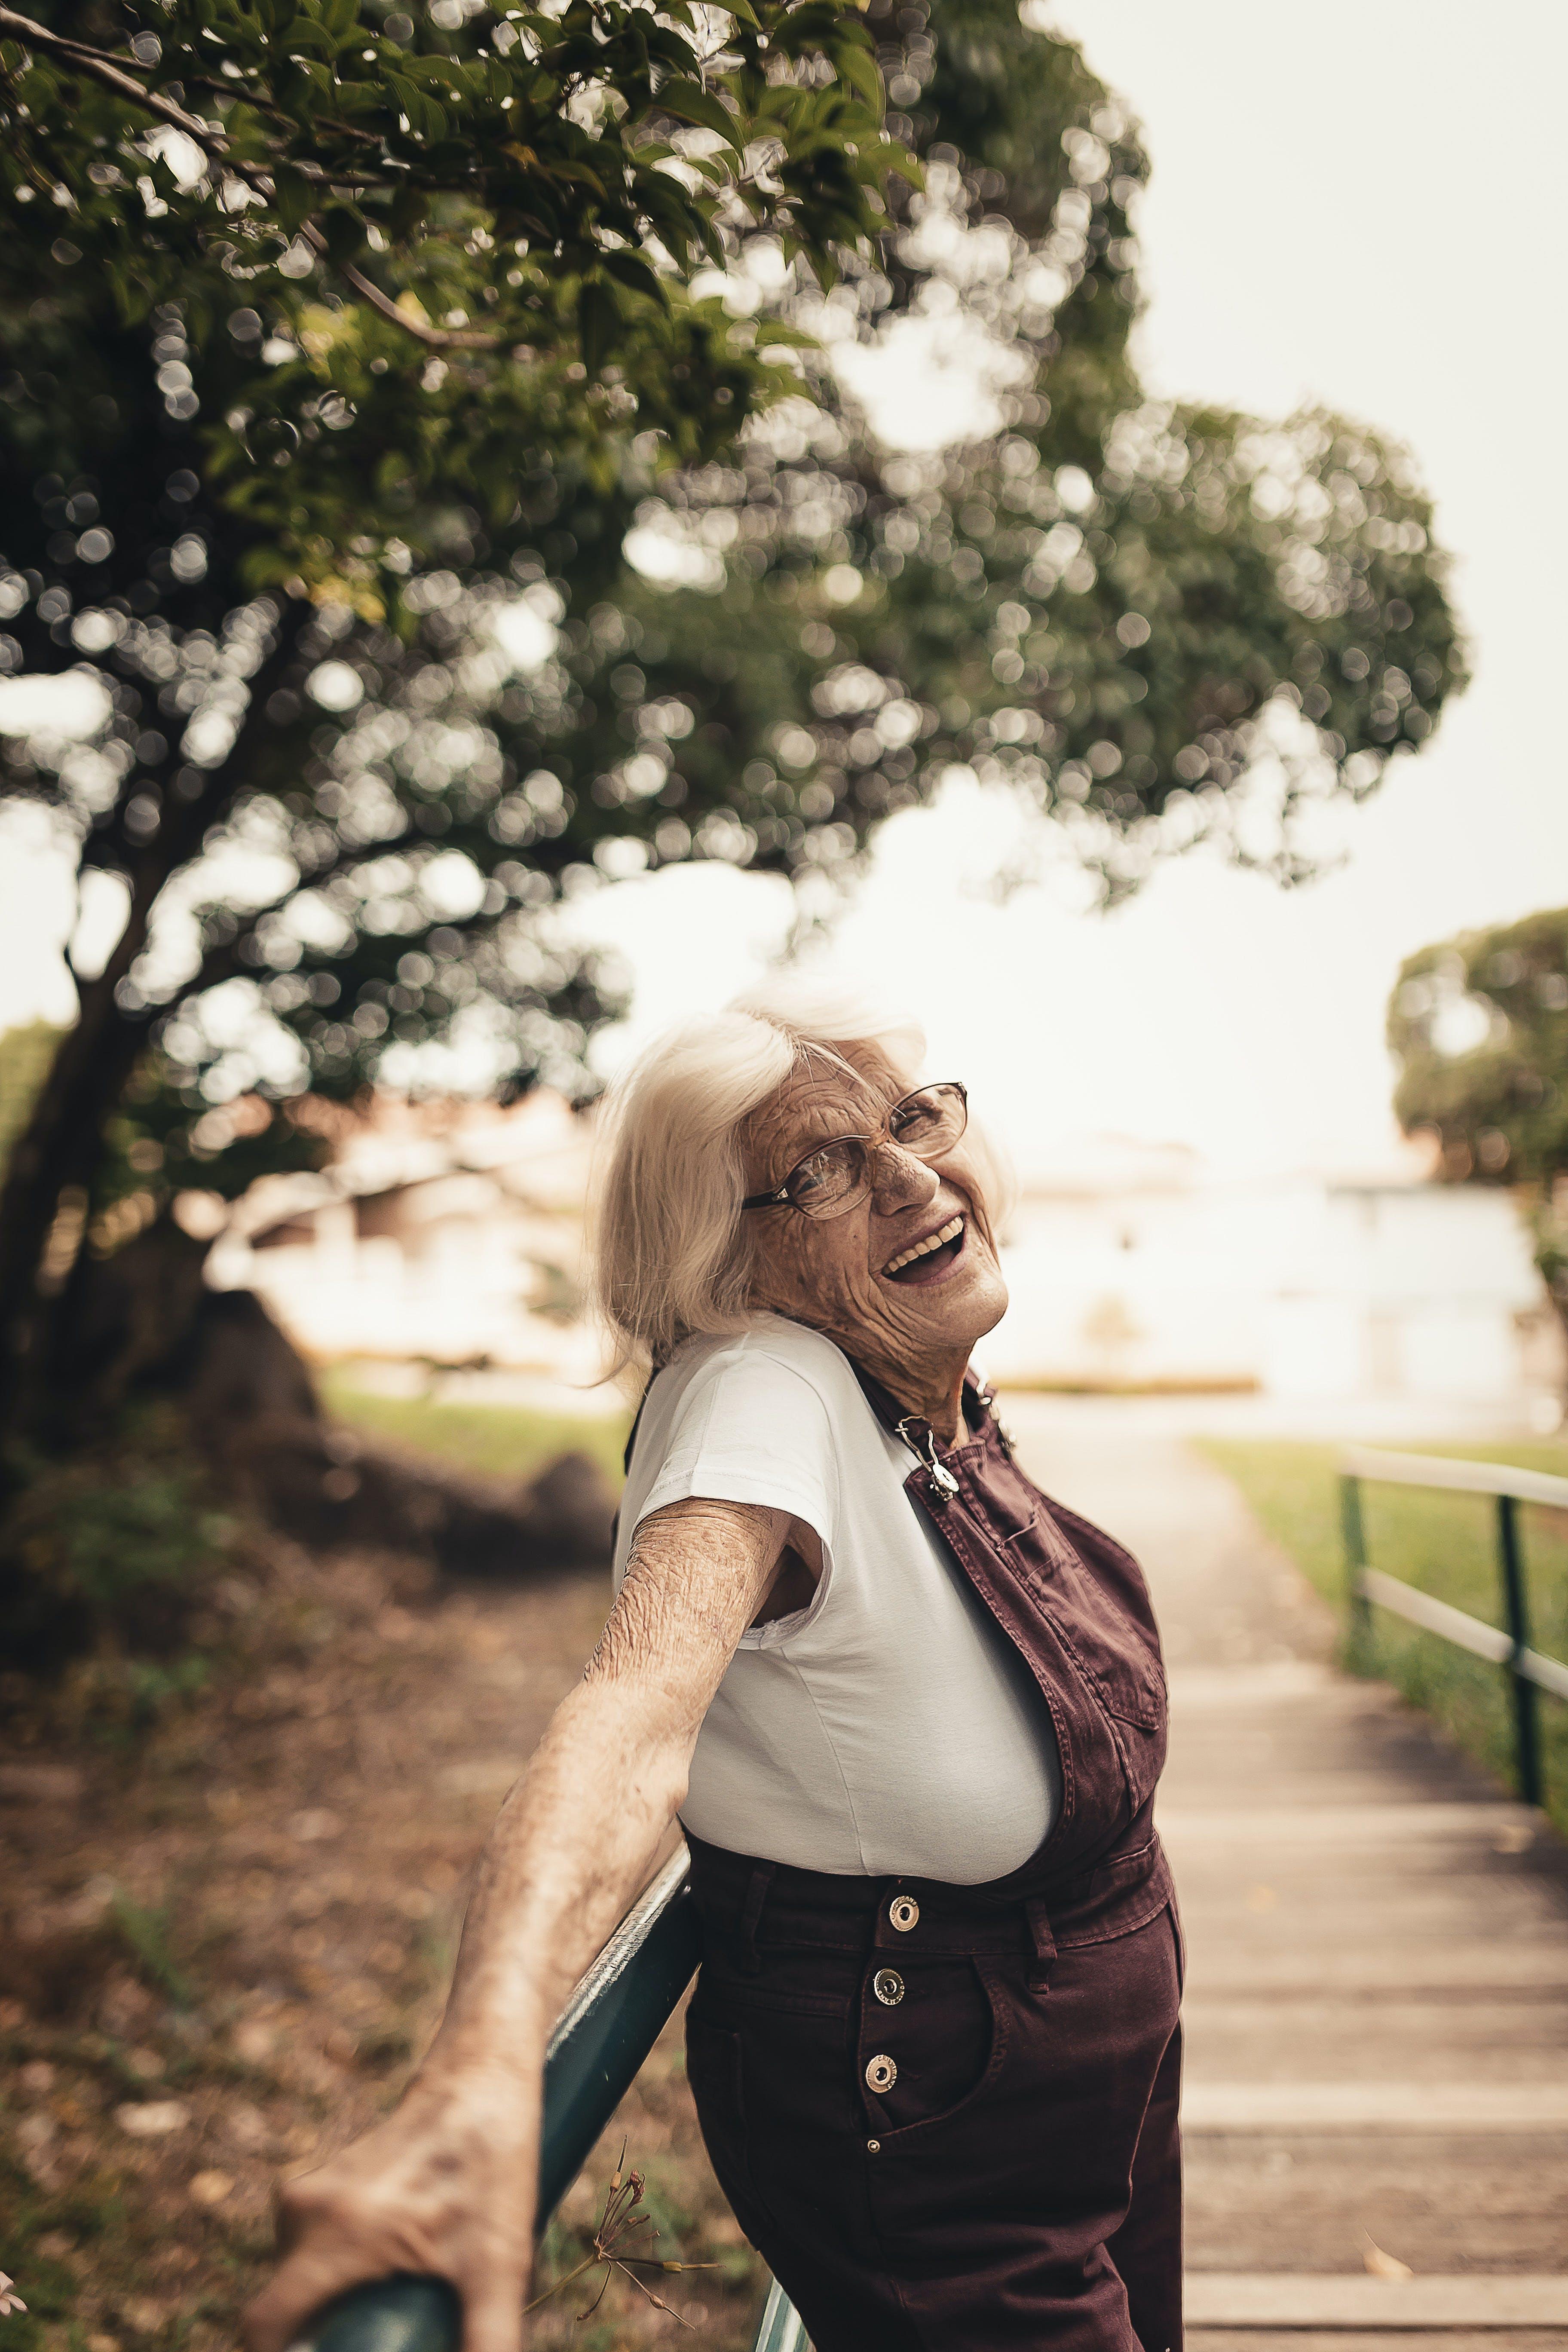 休閒, 大笑, 女人, 幸福 的 免費圖庫相片